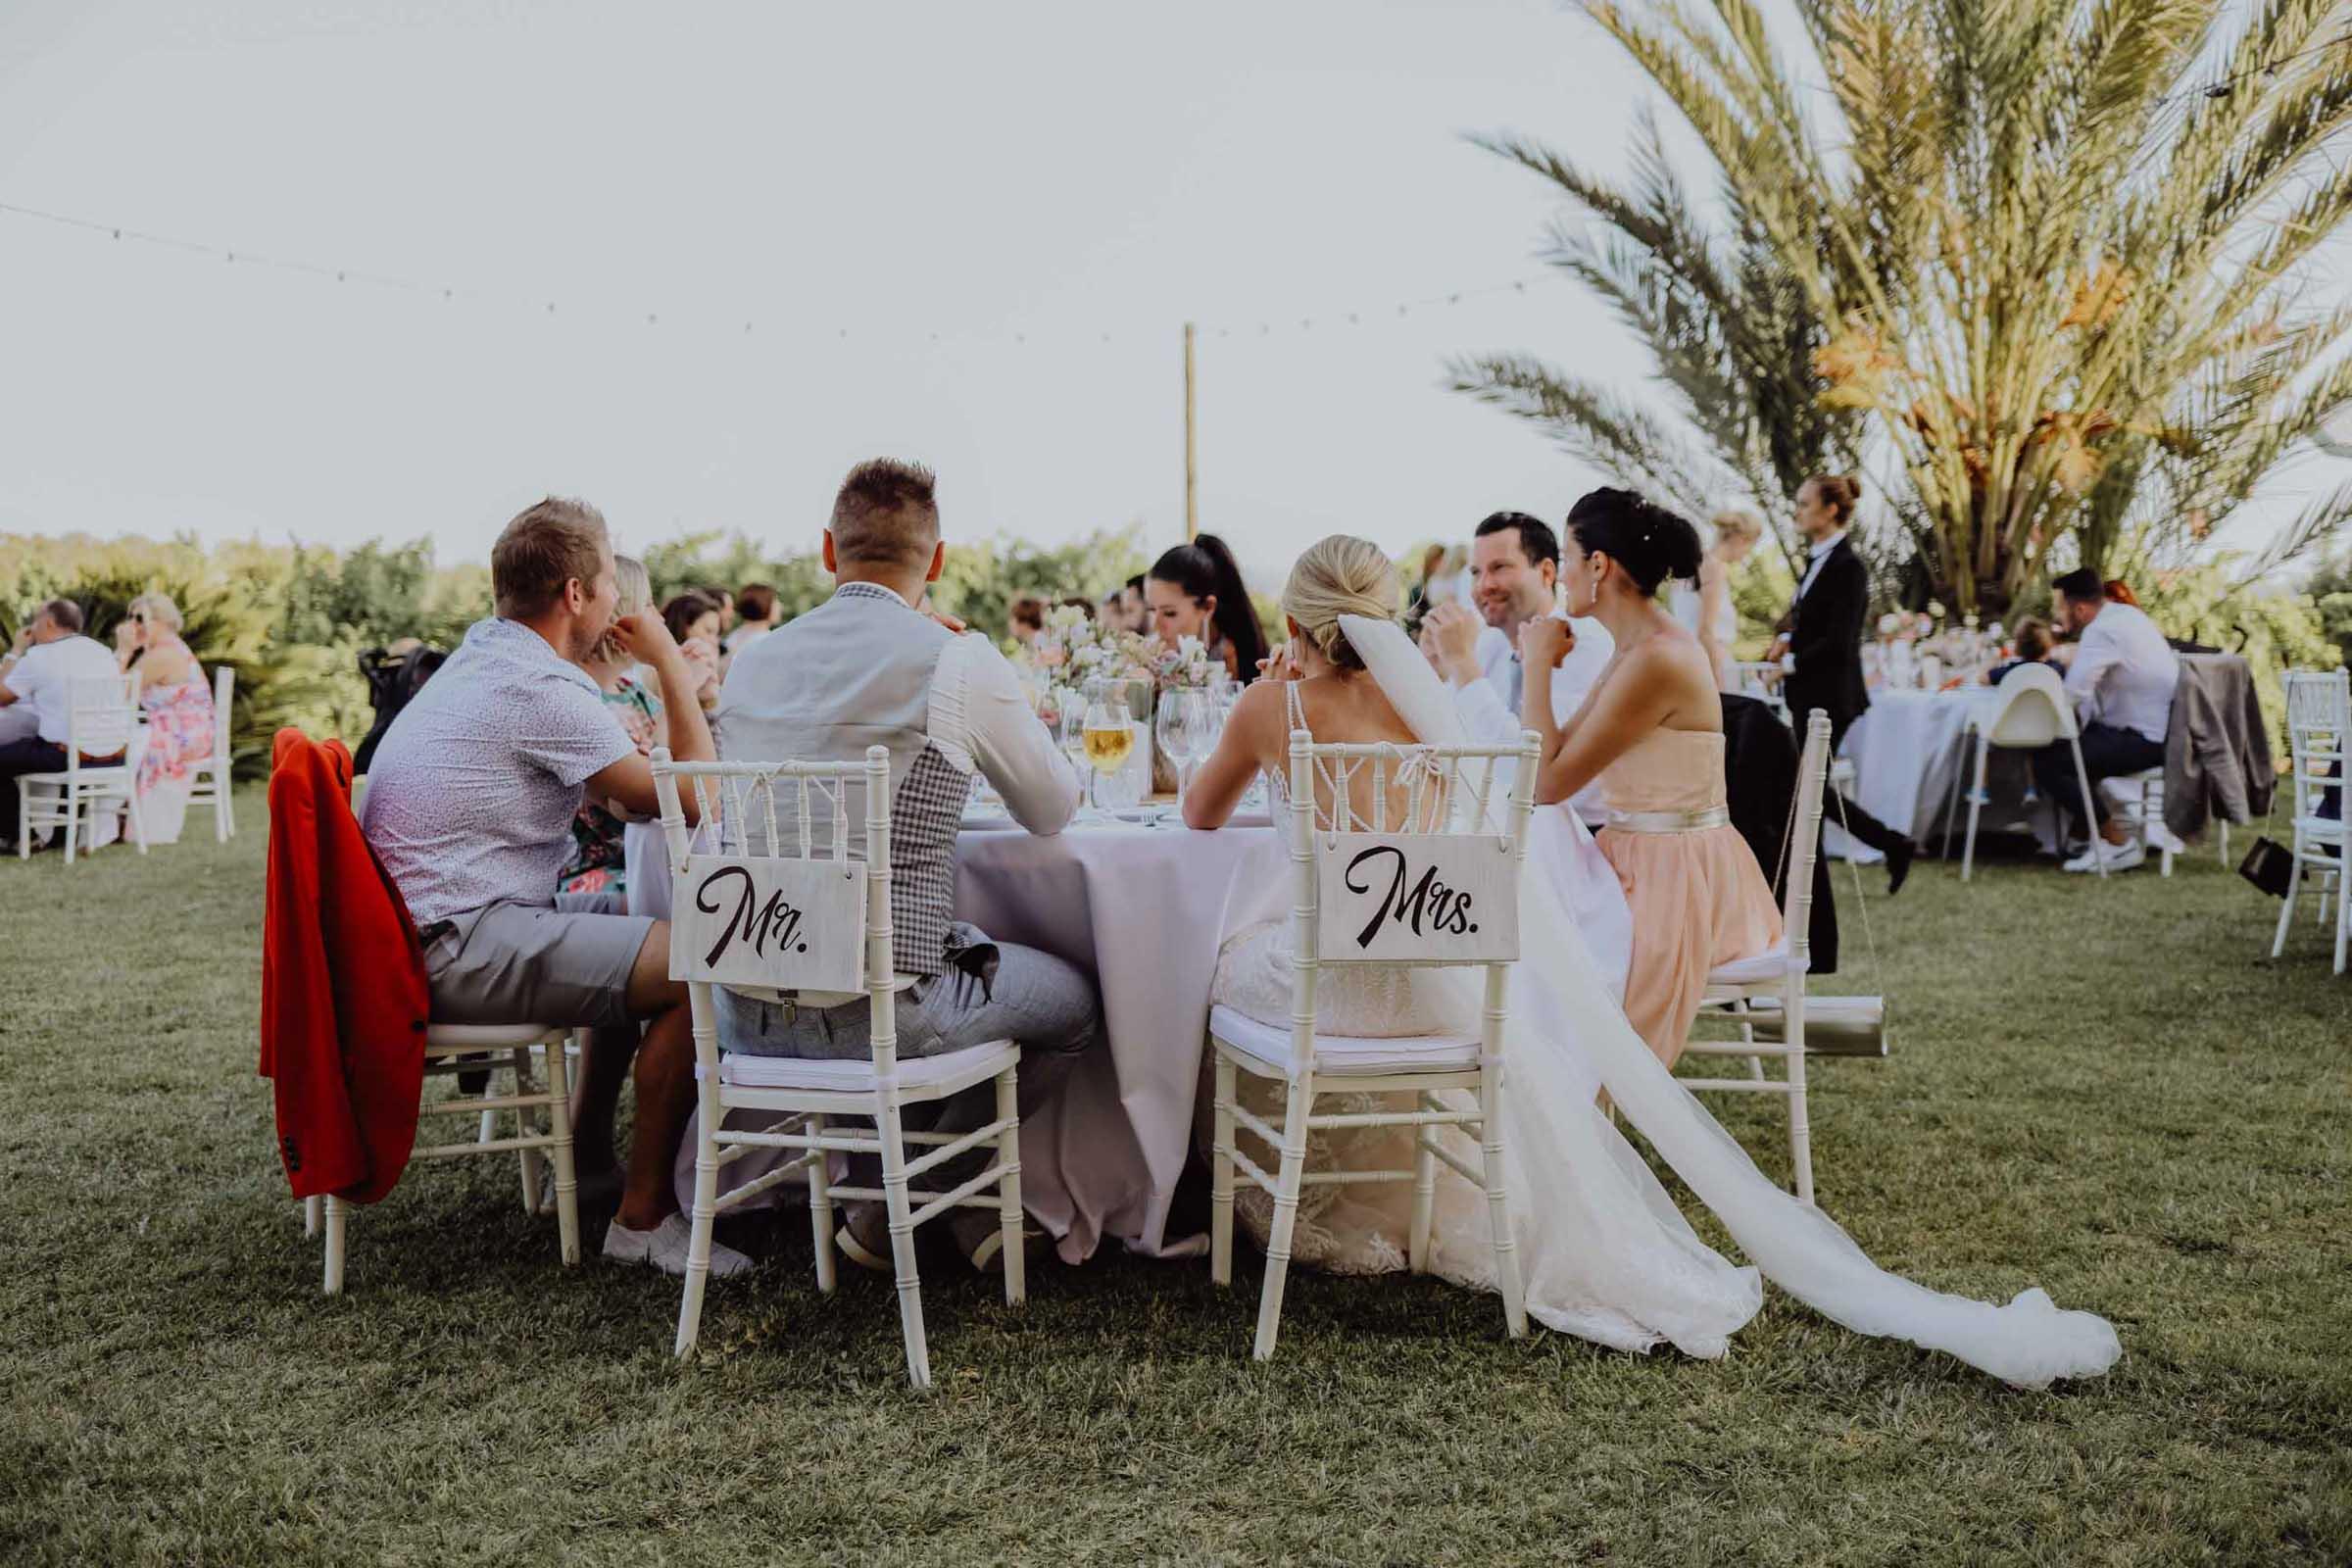 Menschen sitzen am Tisch auf einer Wiese